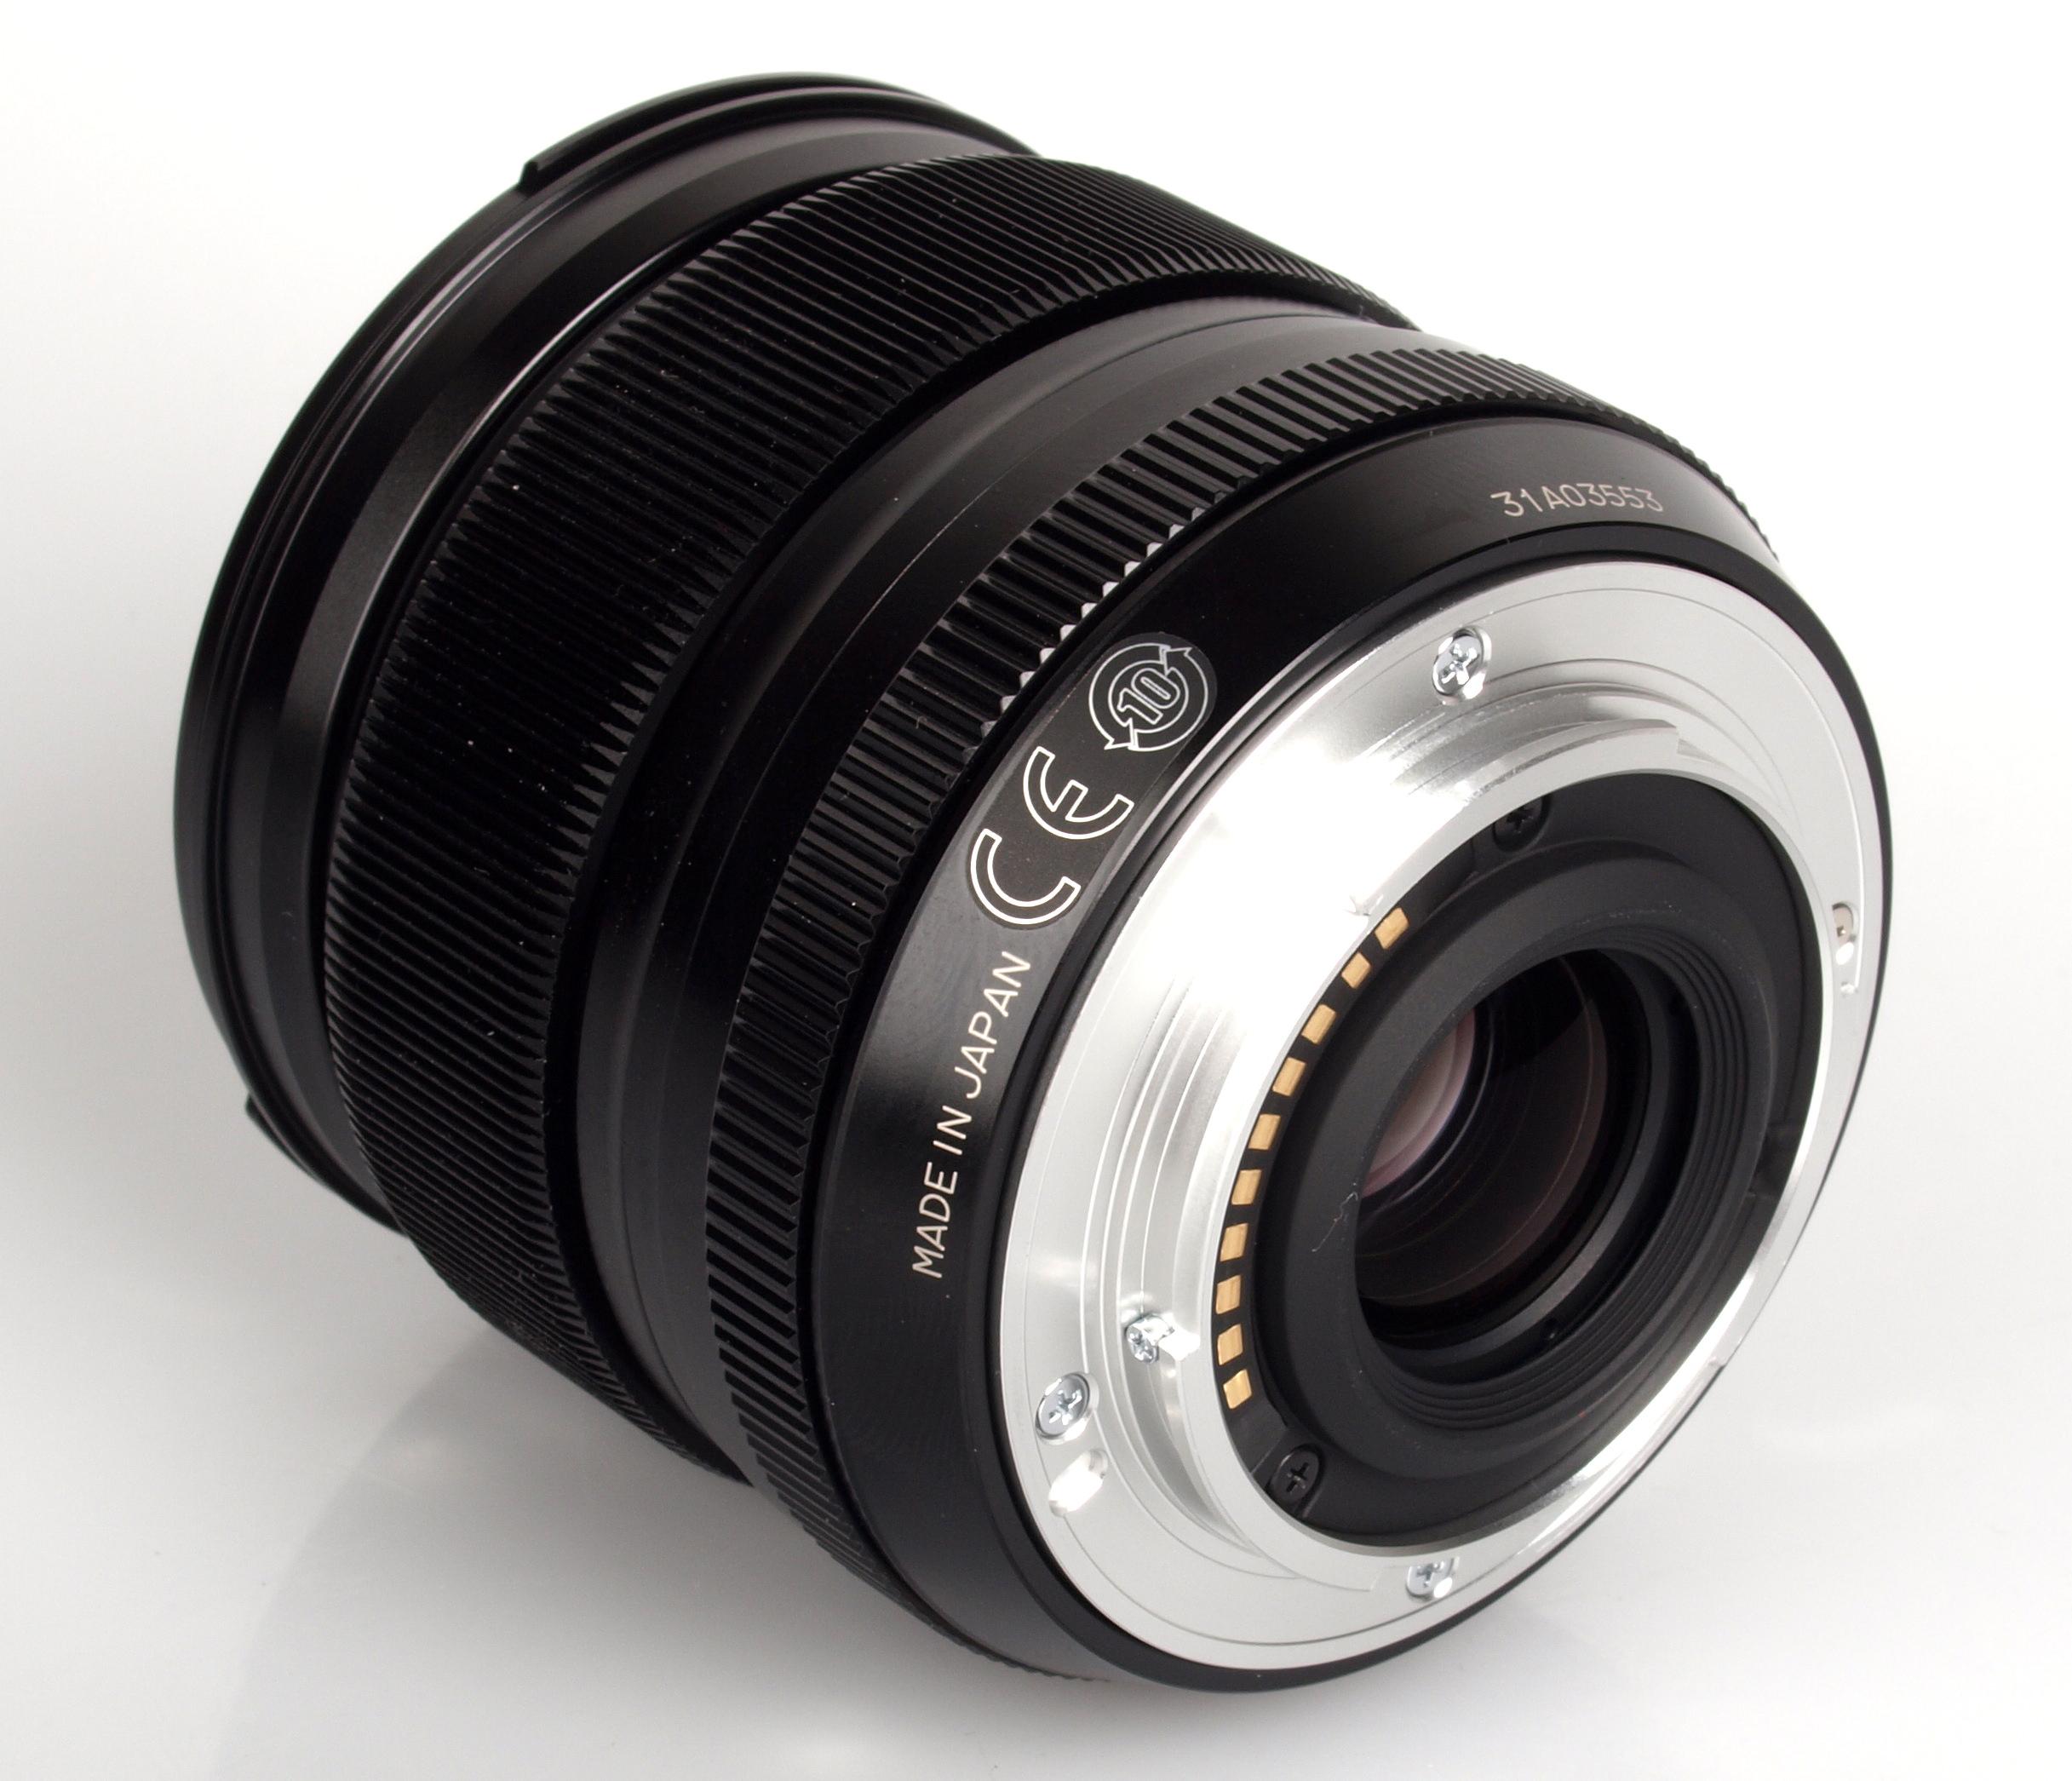 Fujifilm Fujinon XF 14mm f/2 8 R Lens Review | ePHOTOzine